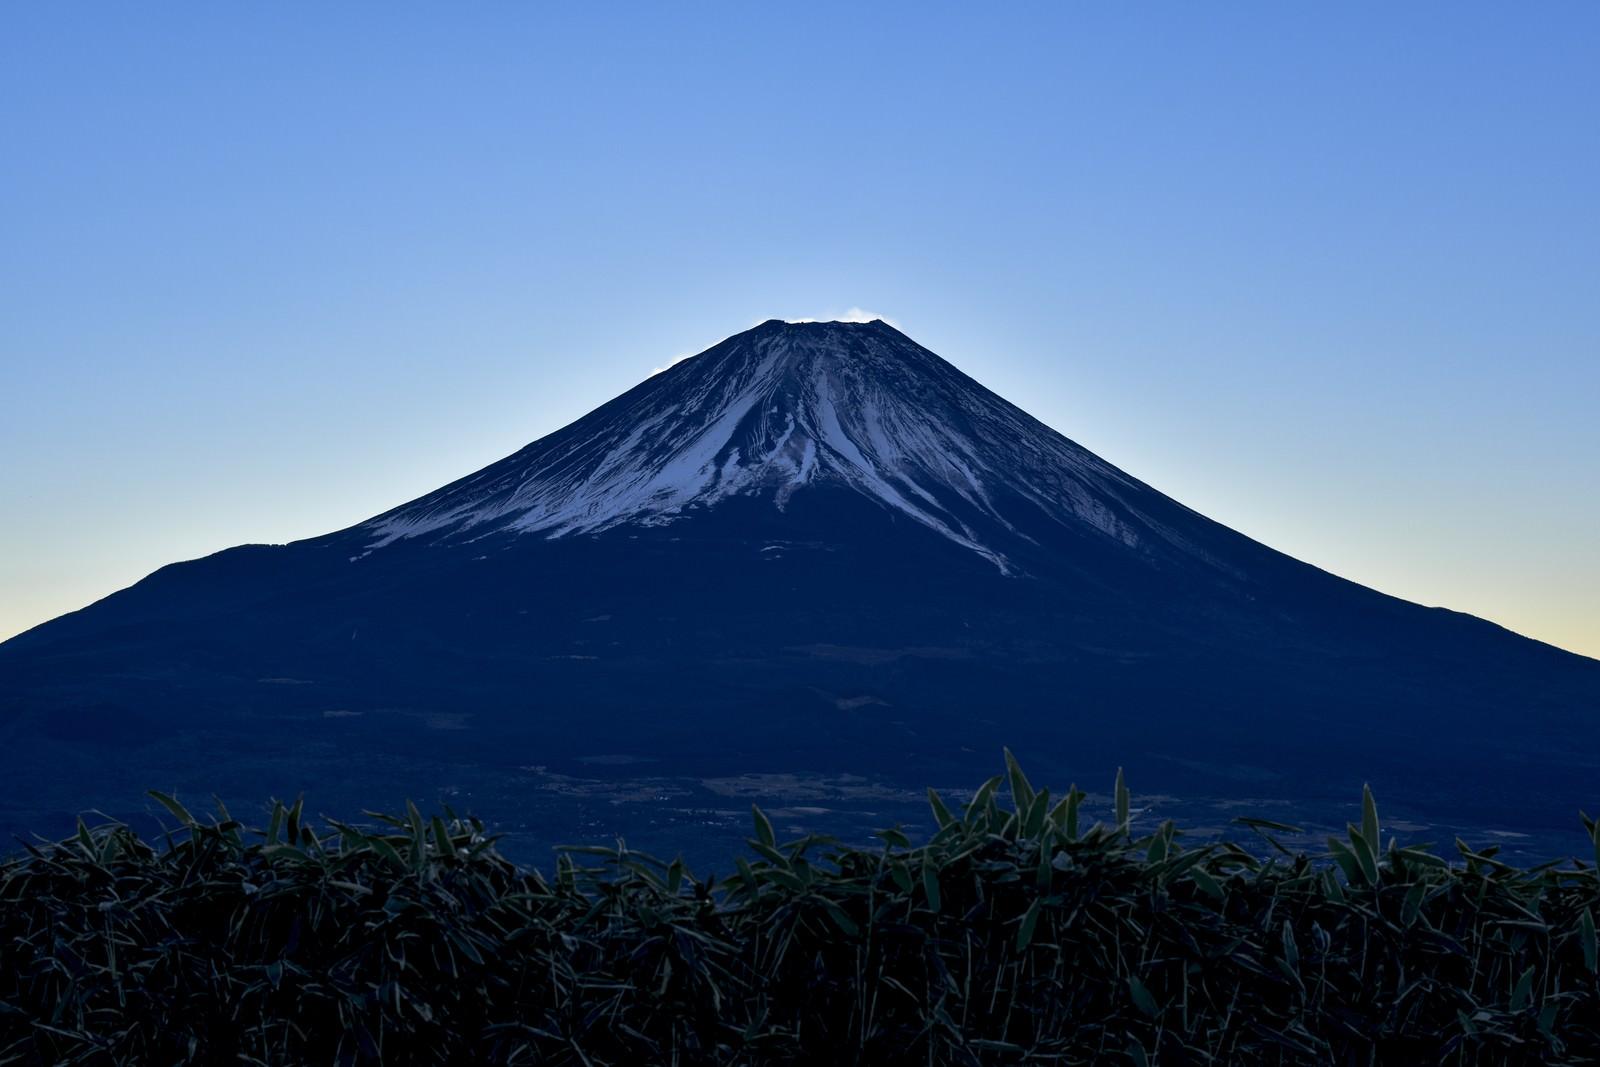 「静寂のダイヤモンド富士(竜ヶ岳)」の写真